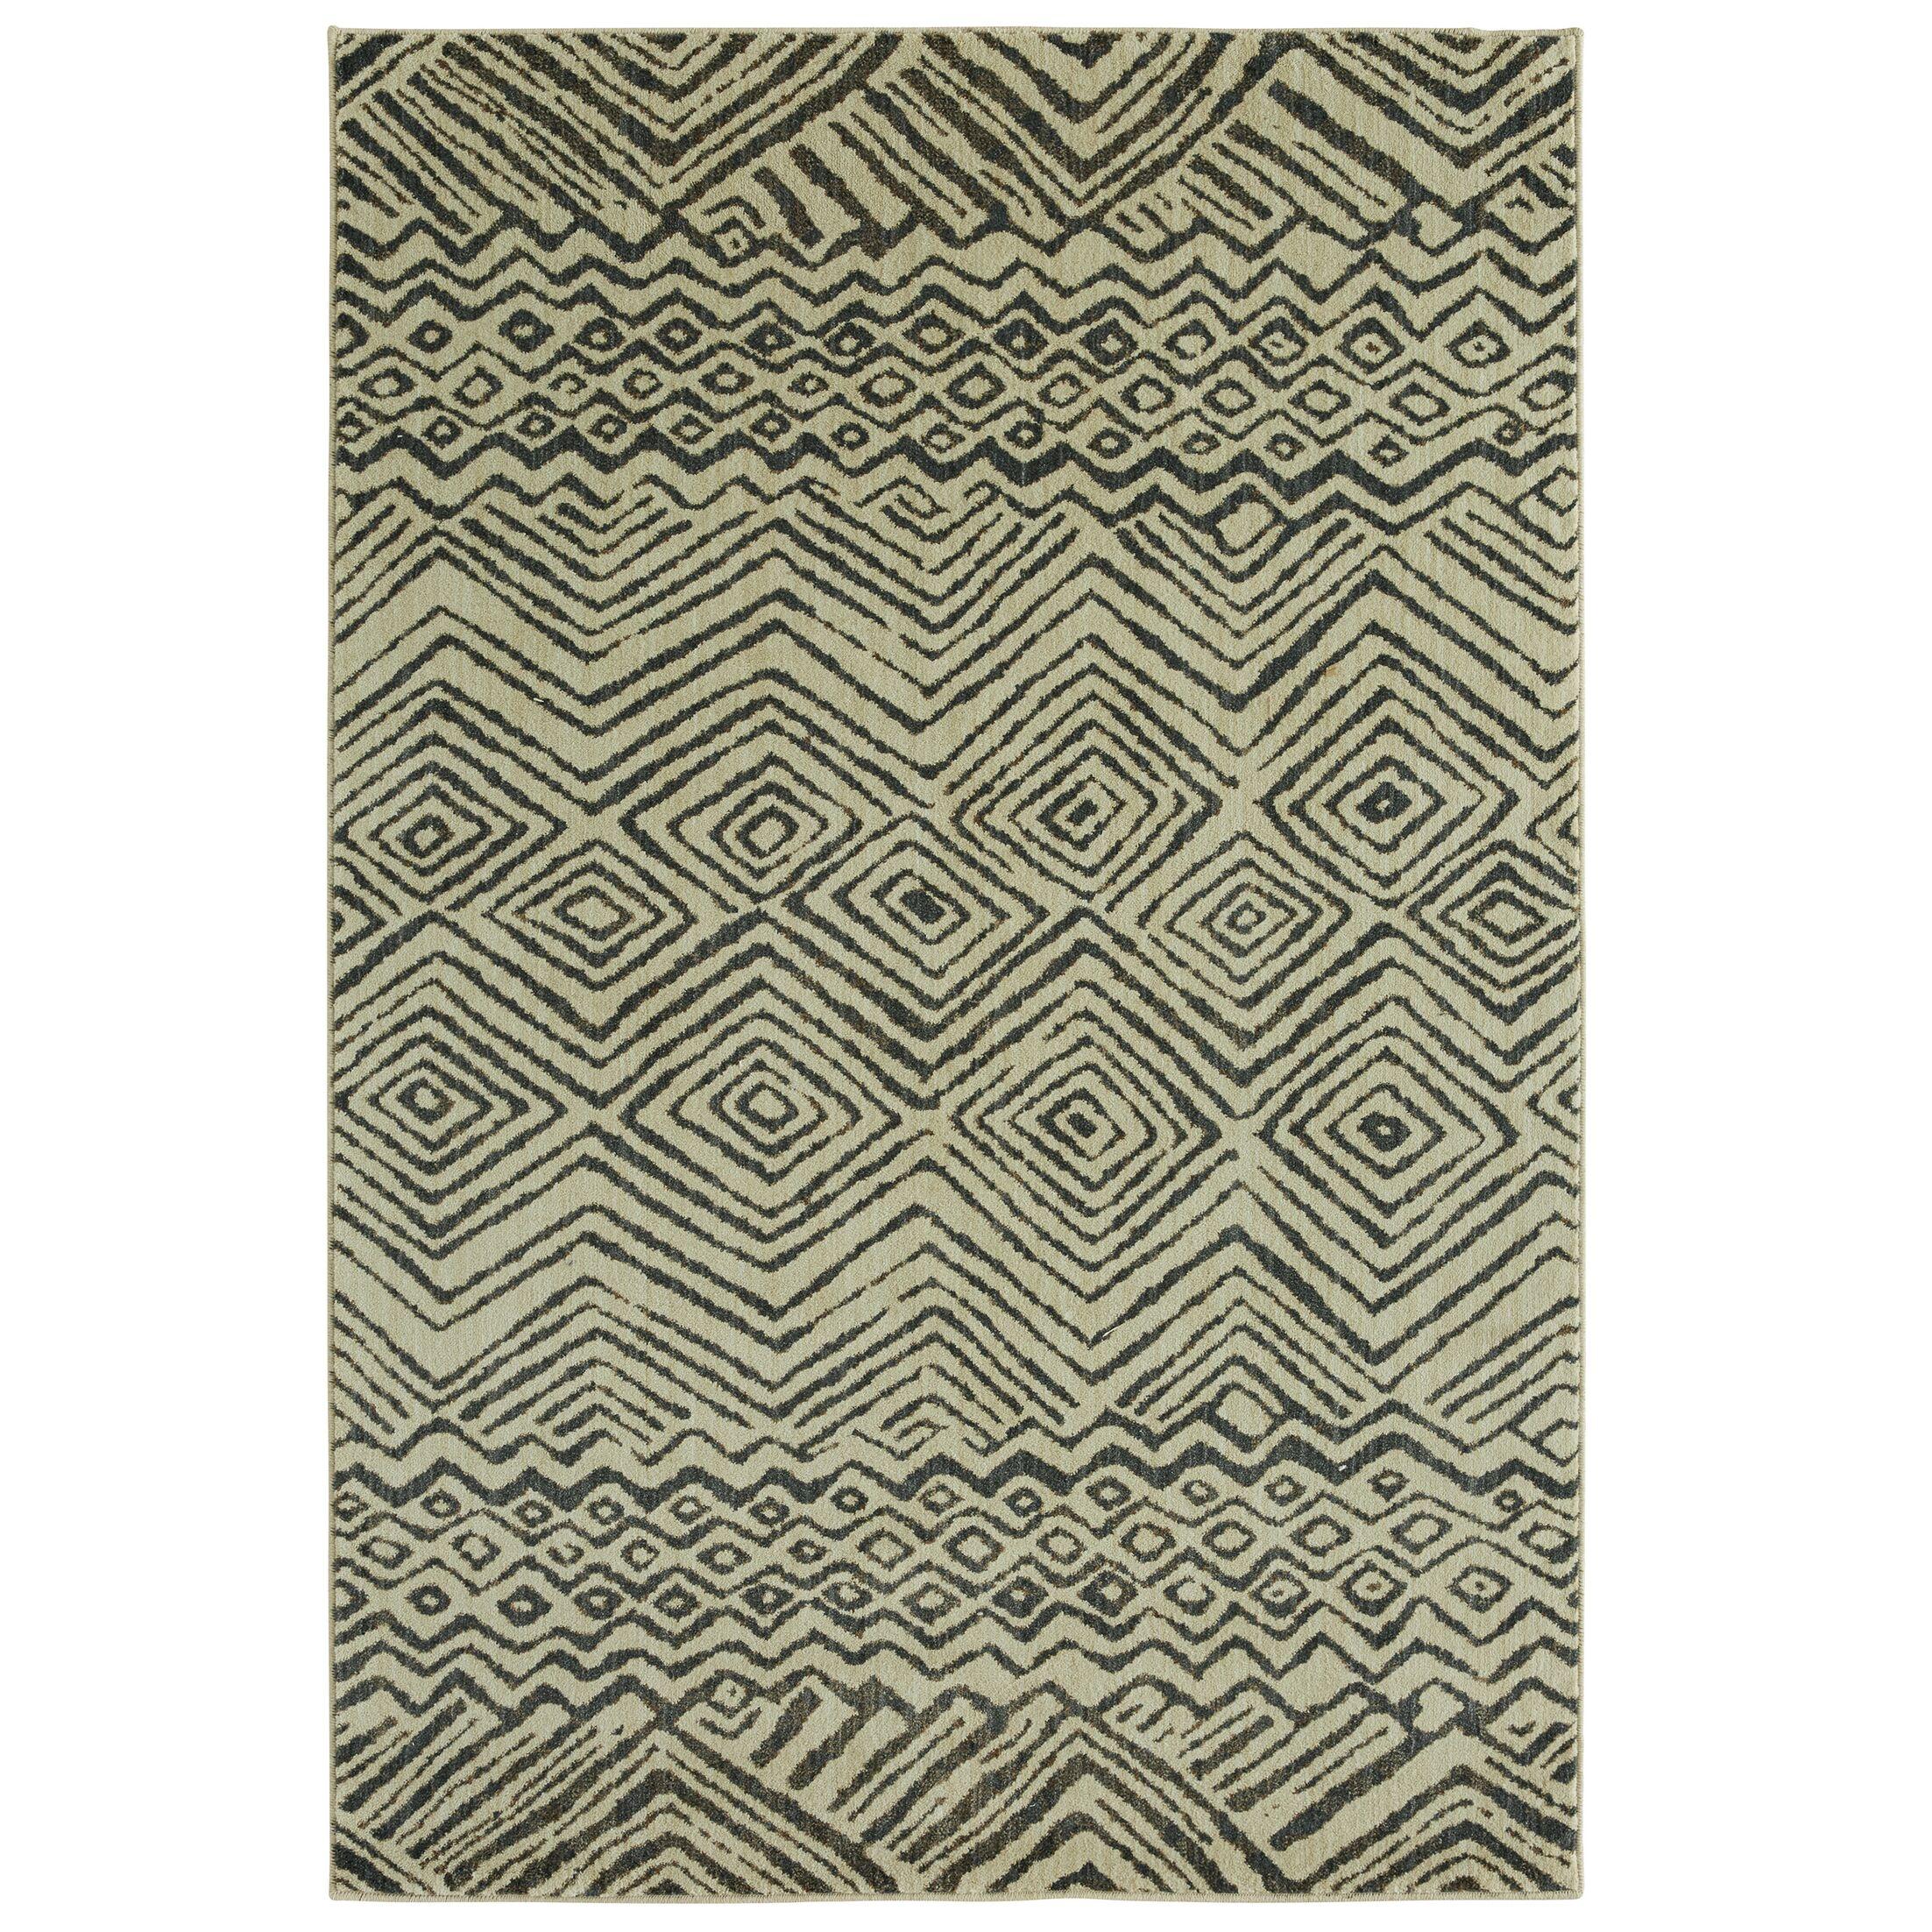 Mohawk Studio Mnemba Beige Area Rug Rug Size: Rectangle 8' x 10'